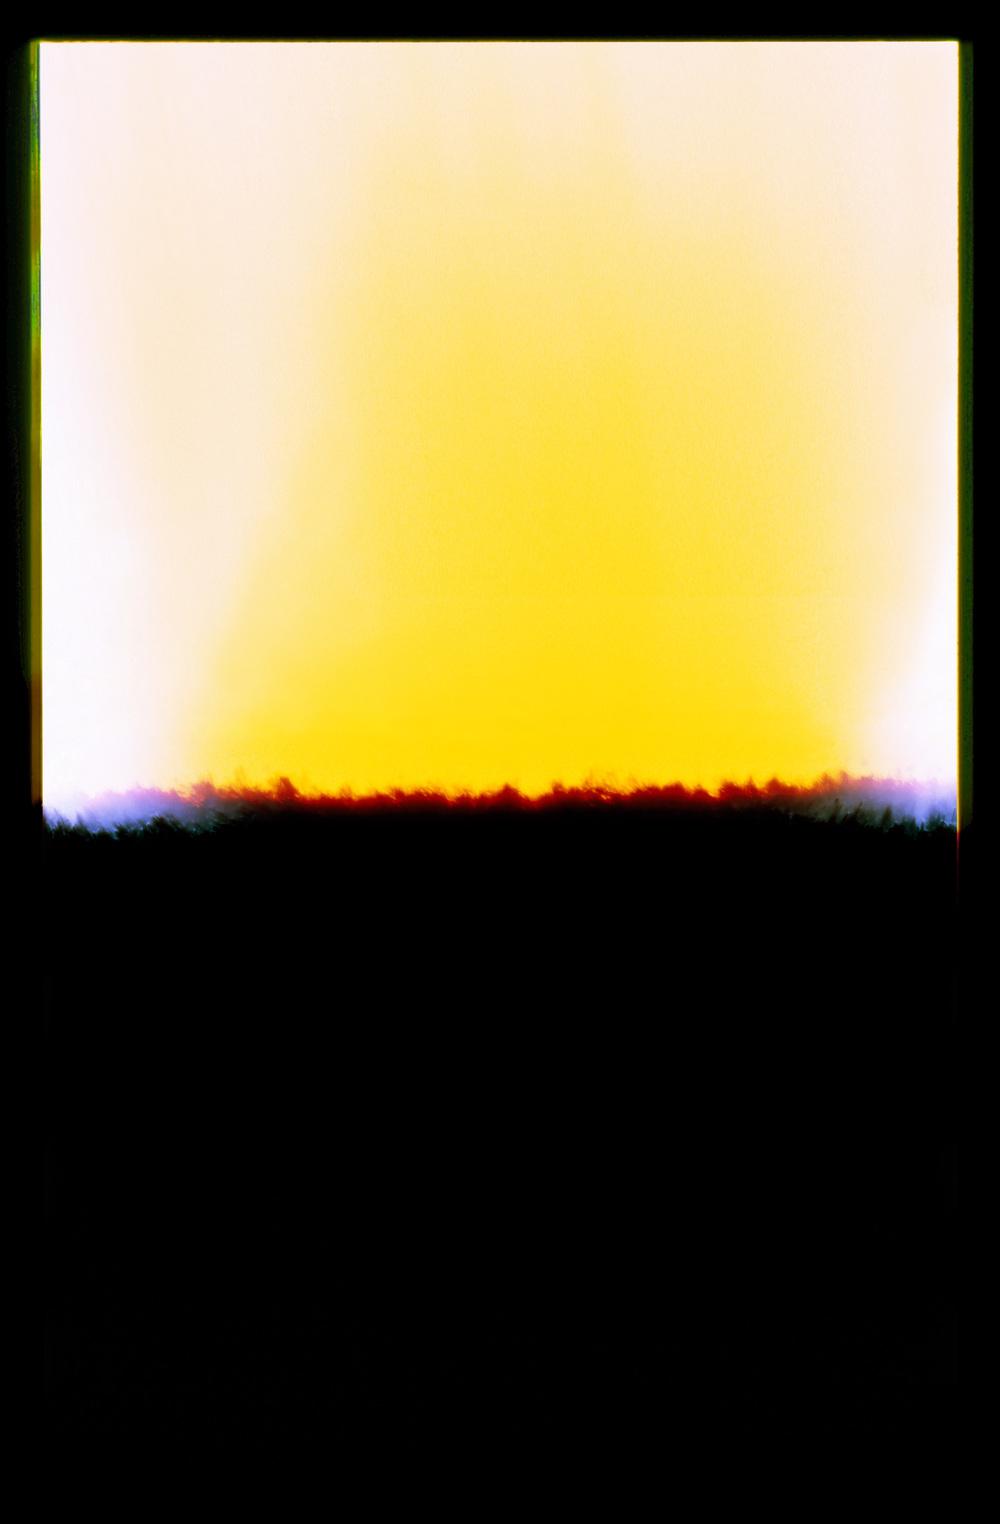 Endings - Kodachrome 64, No.00A. 30/10/1978